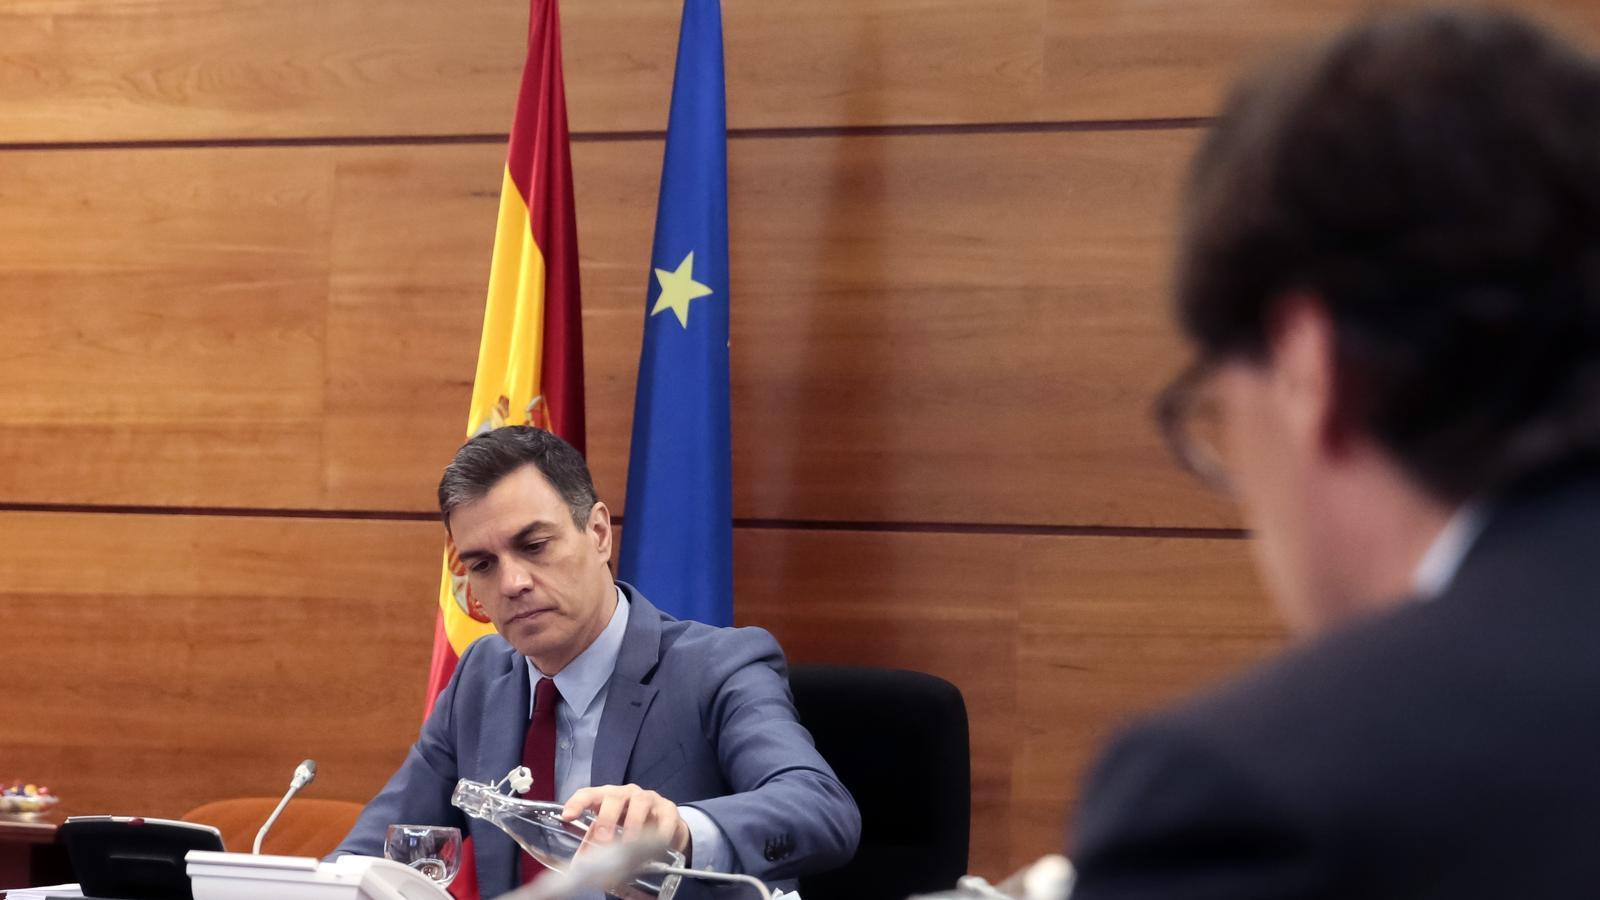 El president del govern espanyol, Pedro Sánchez, durant la reunió del consell de ministres d'aquest dimarts.